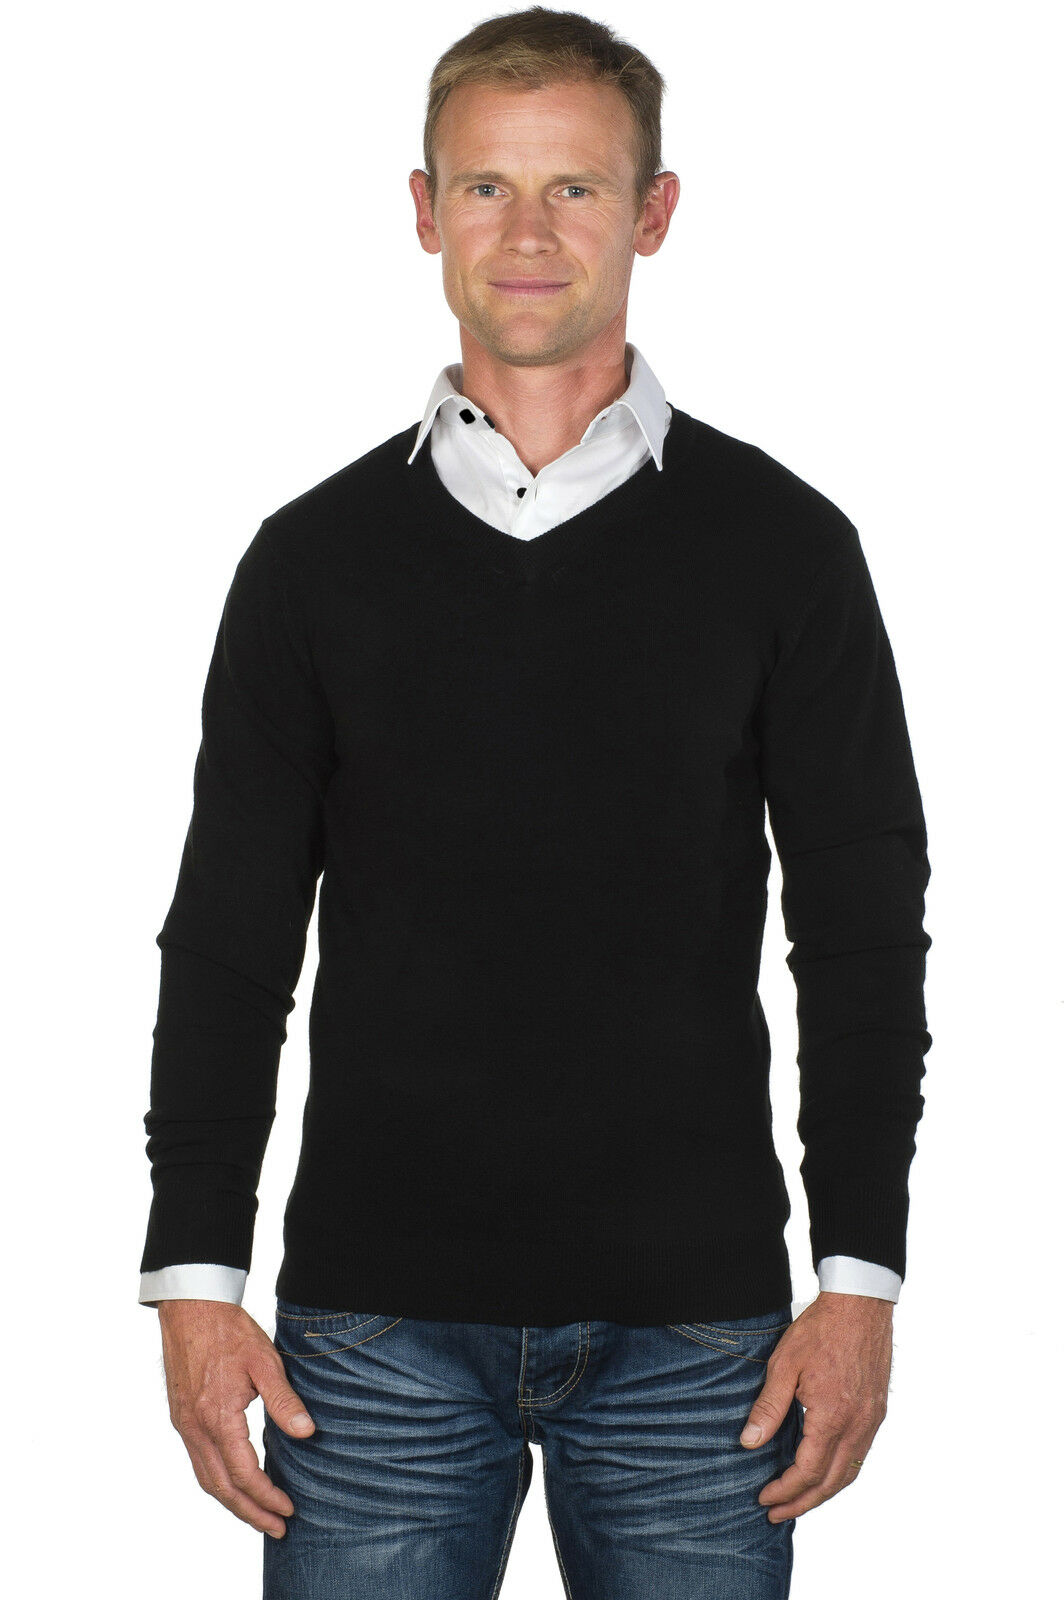 Ugholin Herren Schwarz Pullover 2 in 1 mit Weiß Hemd Einsatz